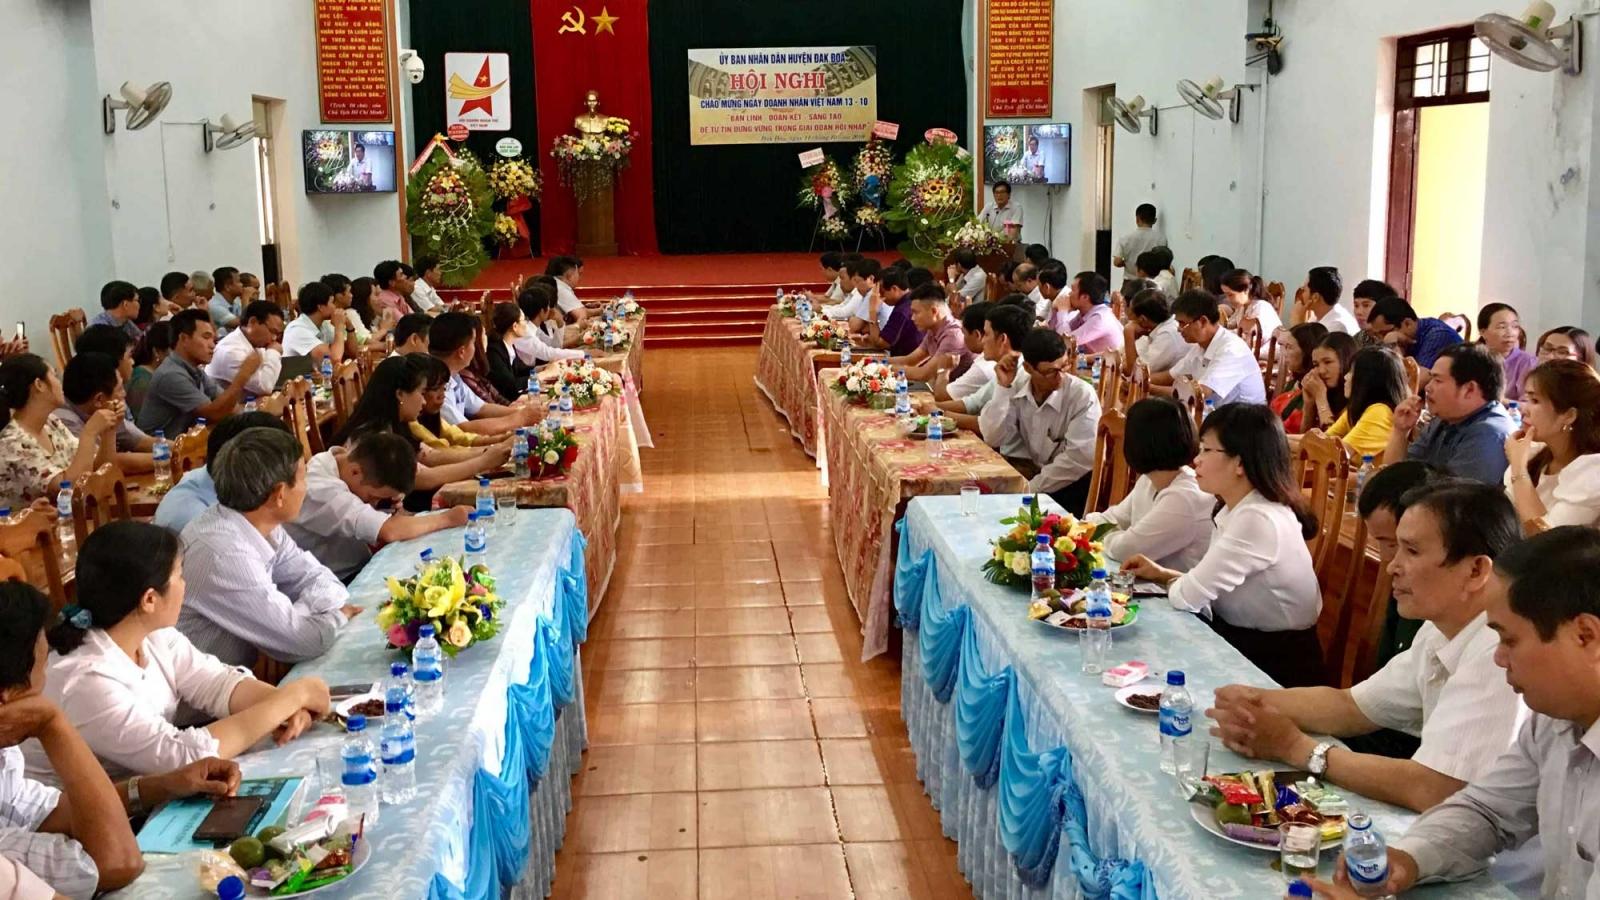 Bình Thuận sẽ gặp mặt doanh nghiệp mỗi tháng 1 lần